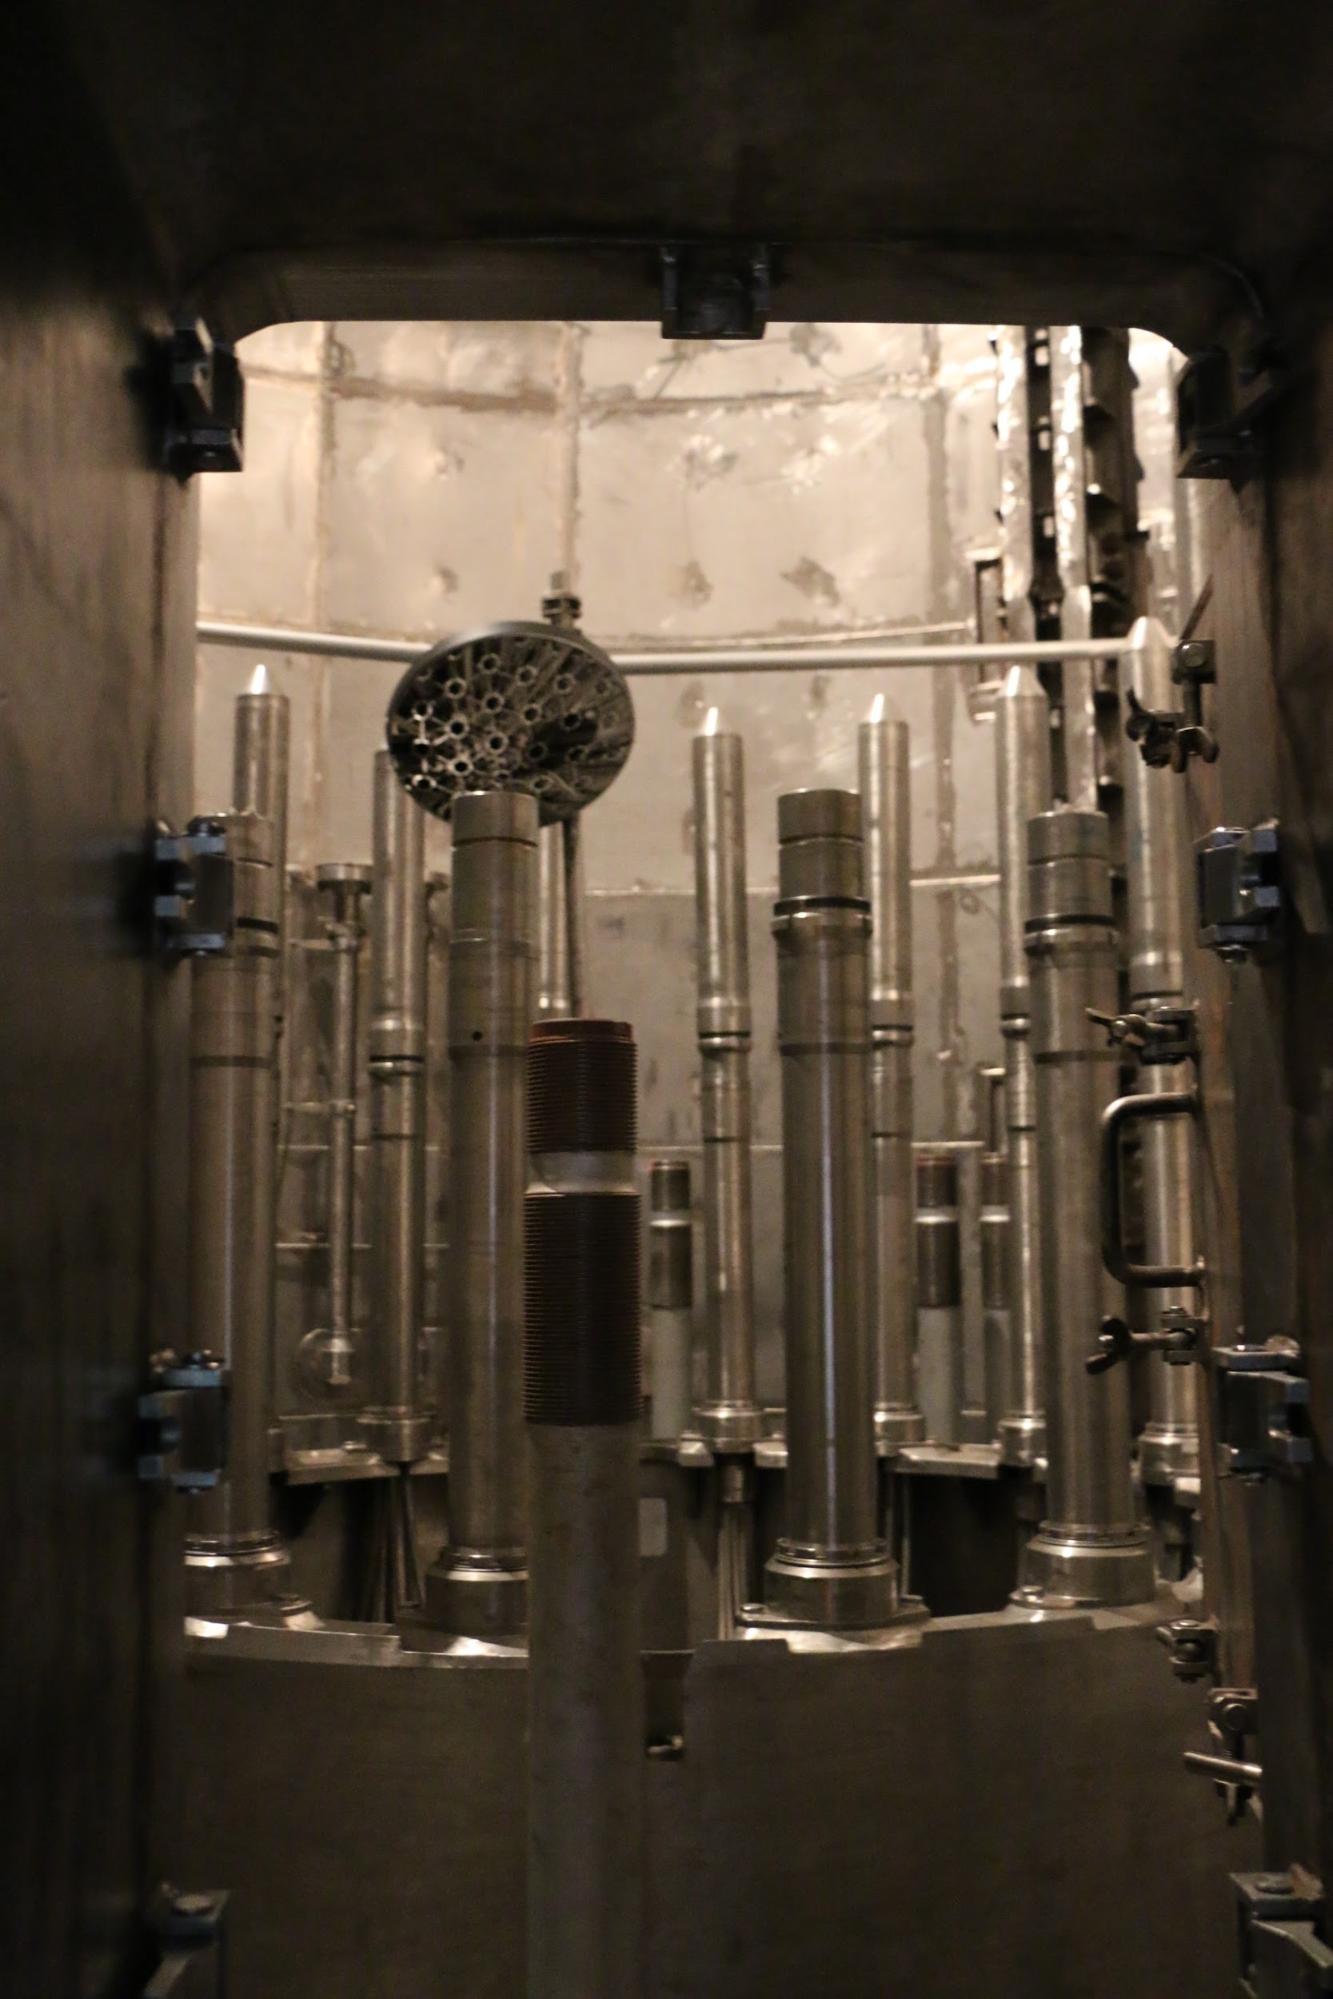 Bepillantás egy tükrön keresztül a reaktortartályba.